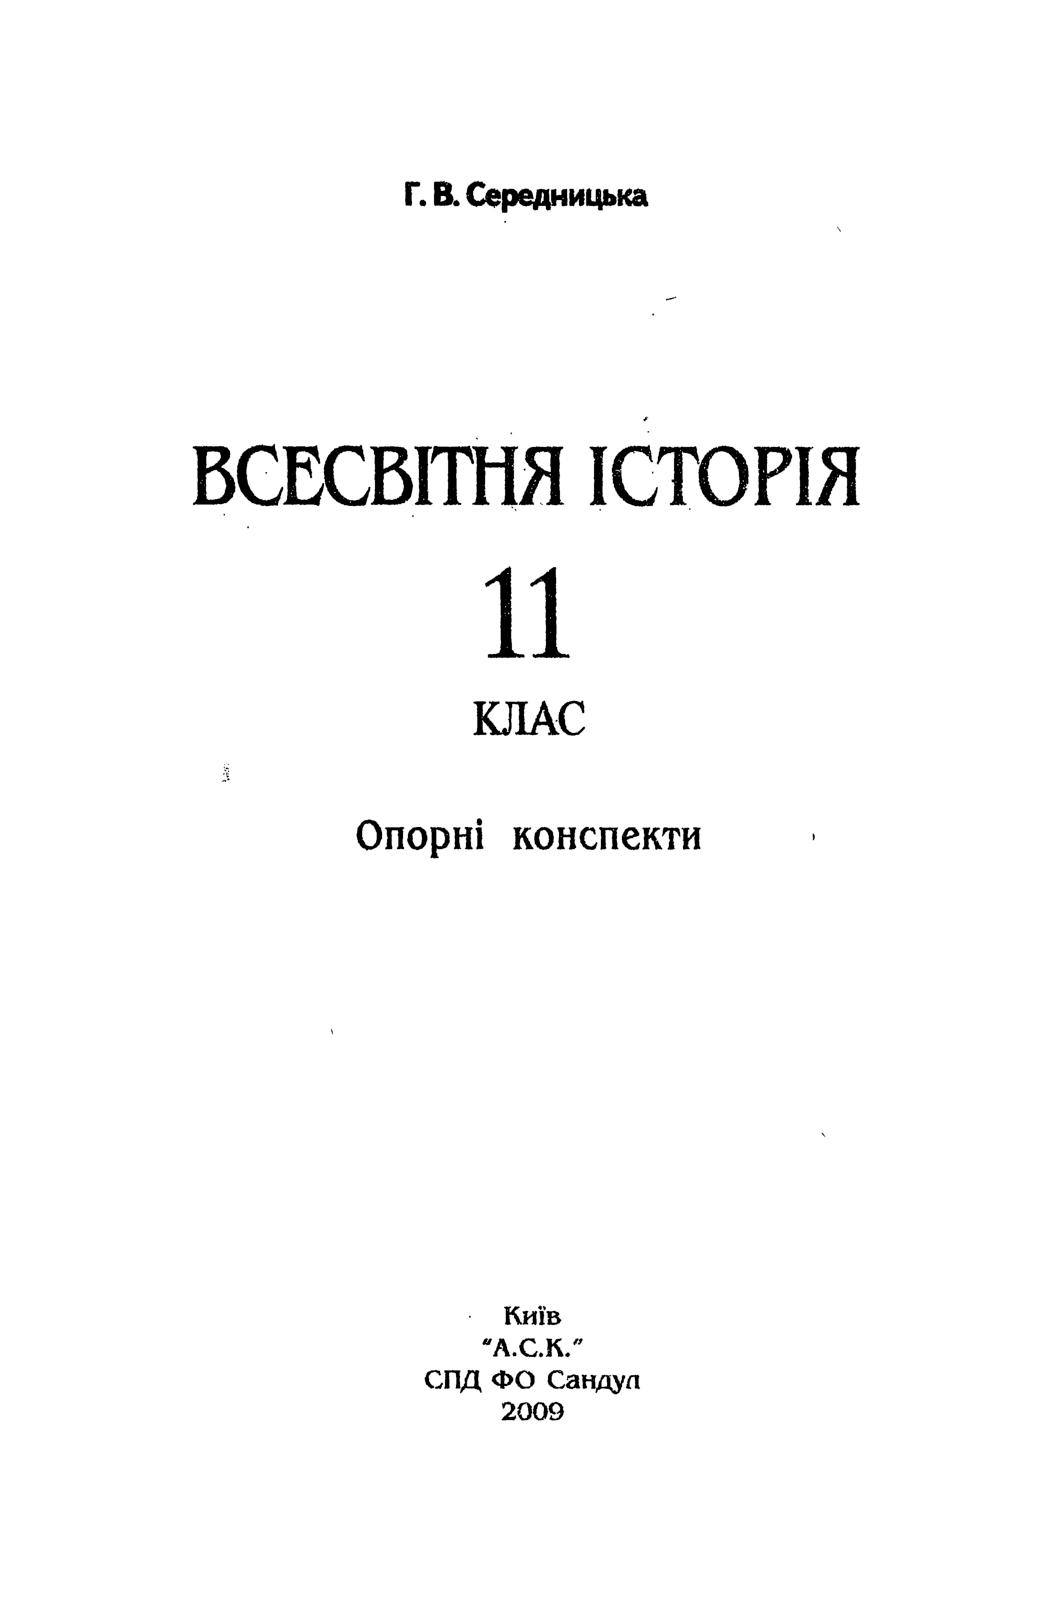 Calaméo - 11 клас. Всесвітня Історія. Опорні конспекти (Середницька) - 2009 19f021e12ab65